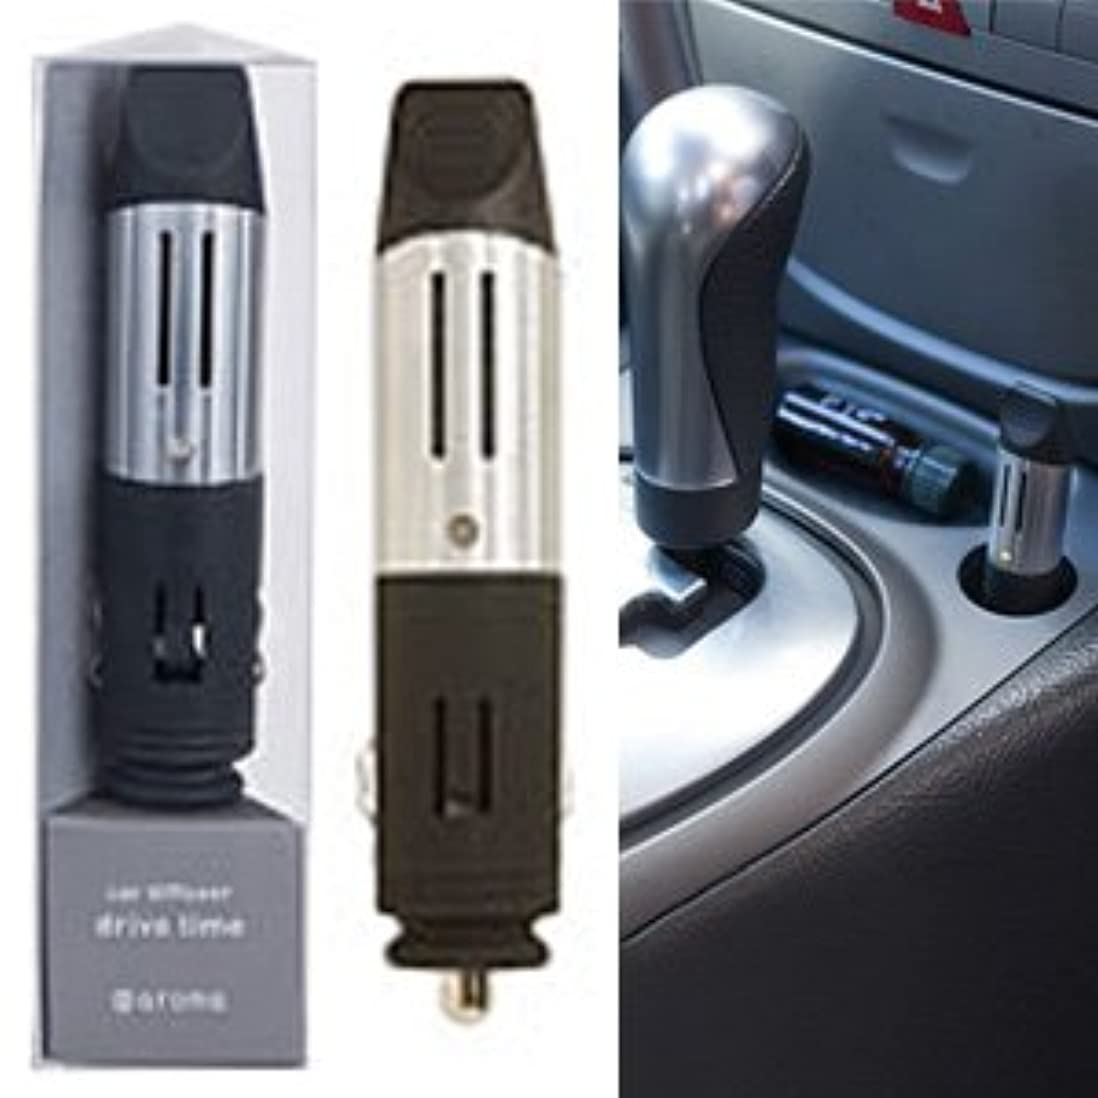 童謡改善するまさに車用アロマディフューザー ドライブタイム [ソケットタイプ/DC12V電源] カラー:シルバー